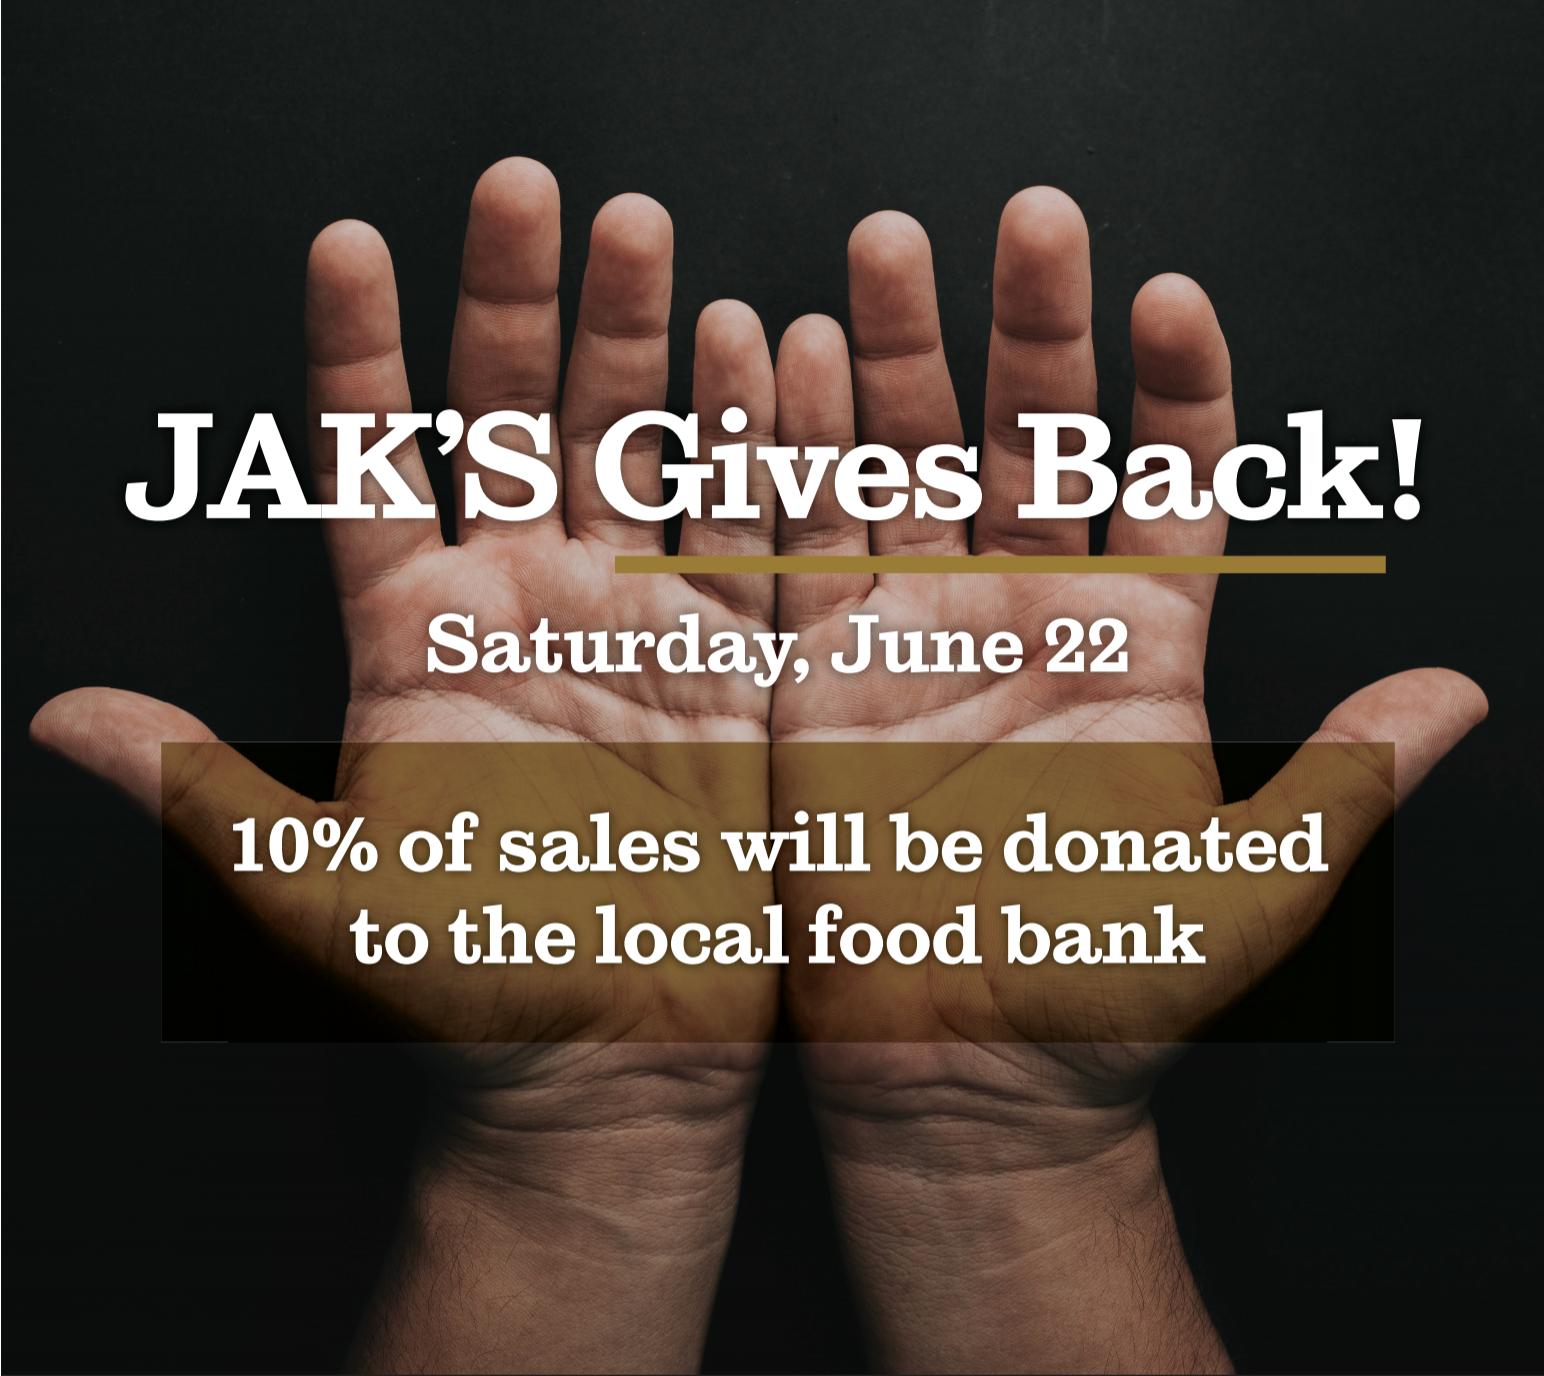 JAK'S Gives Back - June. 14, 2019 | News Release